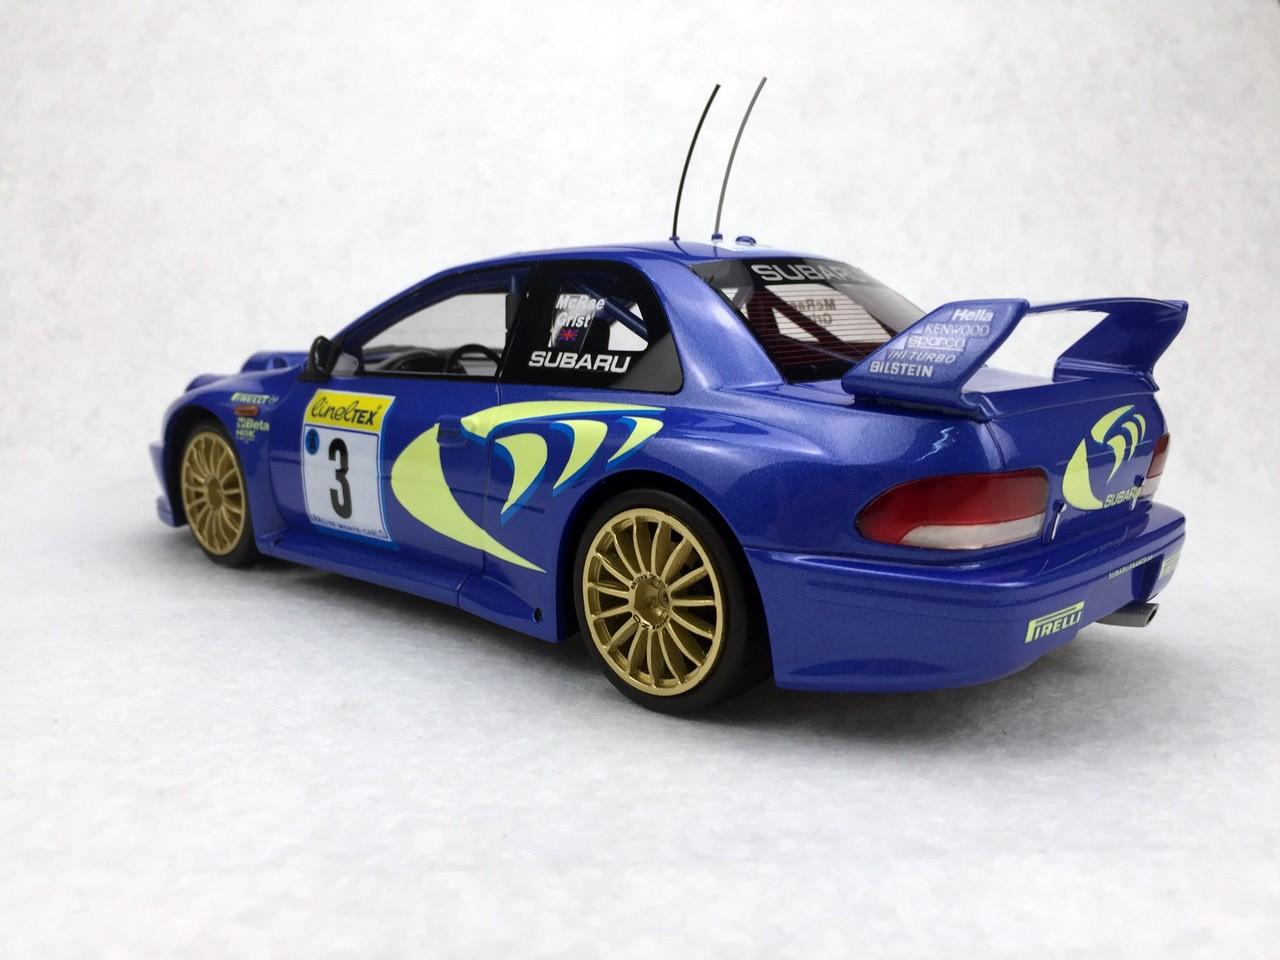 Subaru Impreza S Wrc Mcrae